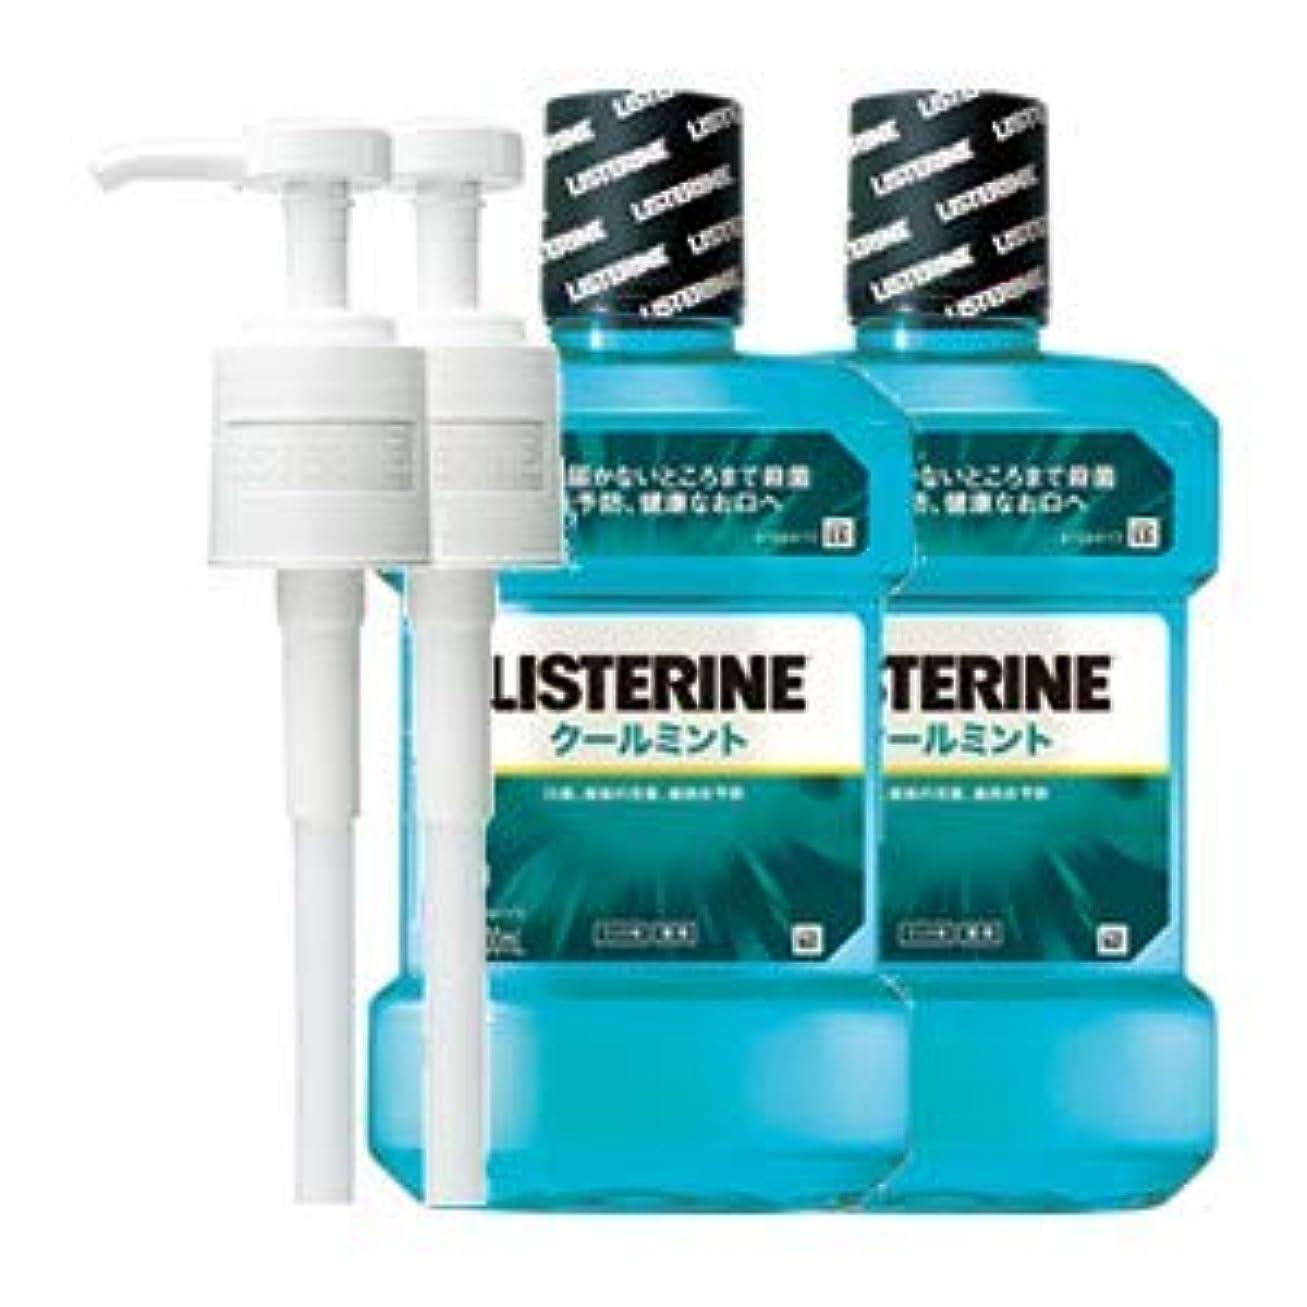 サスペンドふくろうインスタンス薬用リステリン クールミント (マウスウォッシュ/洗口液) 1000mL 2点セット (ポンプ付)